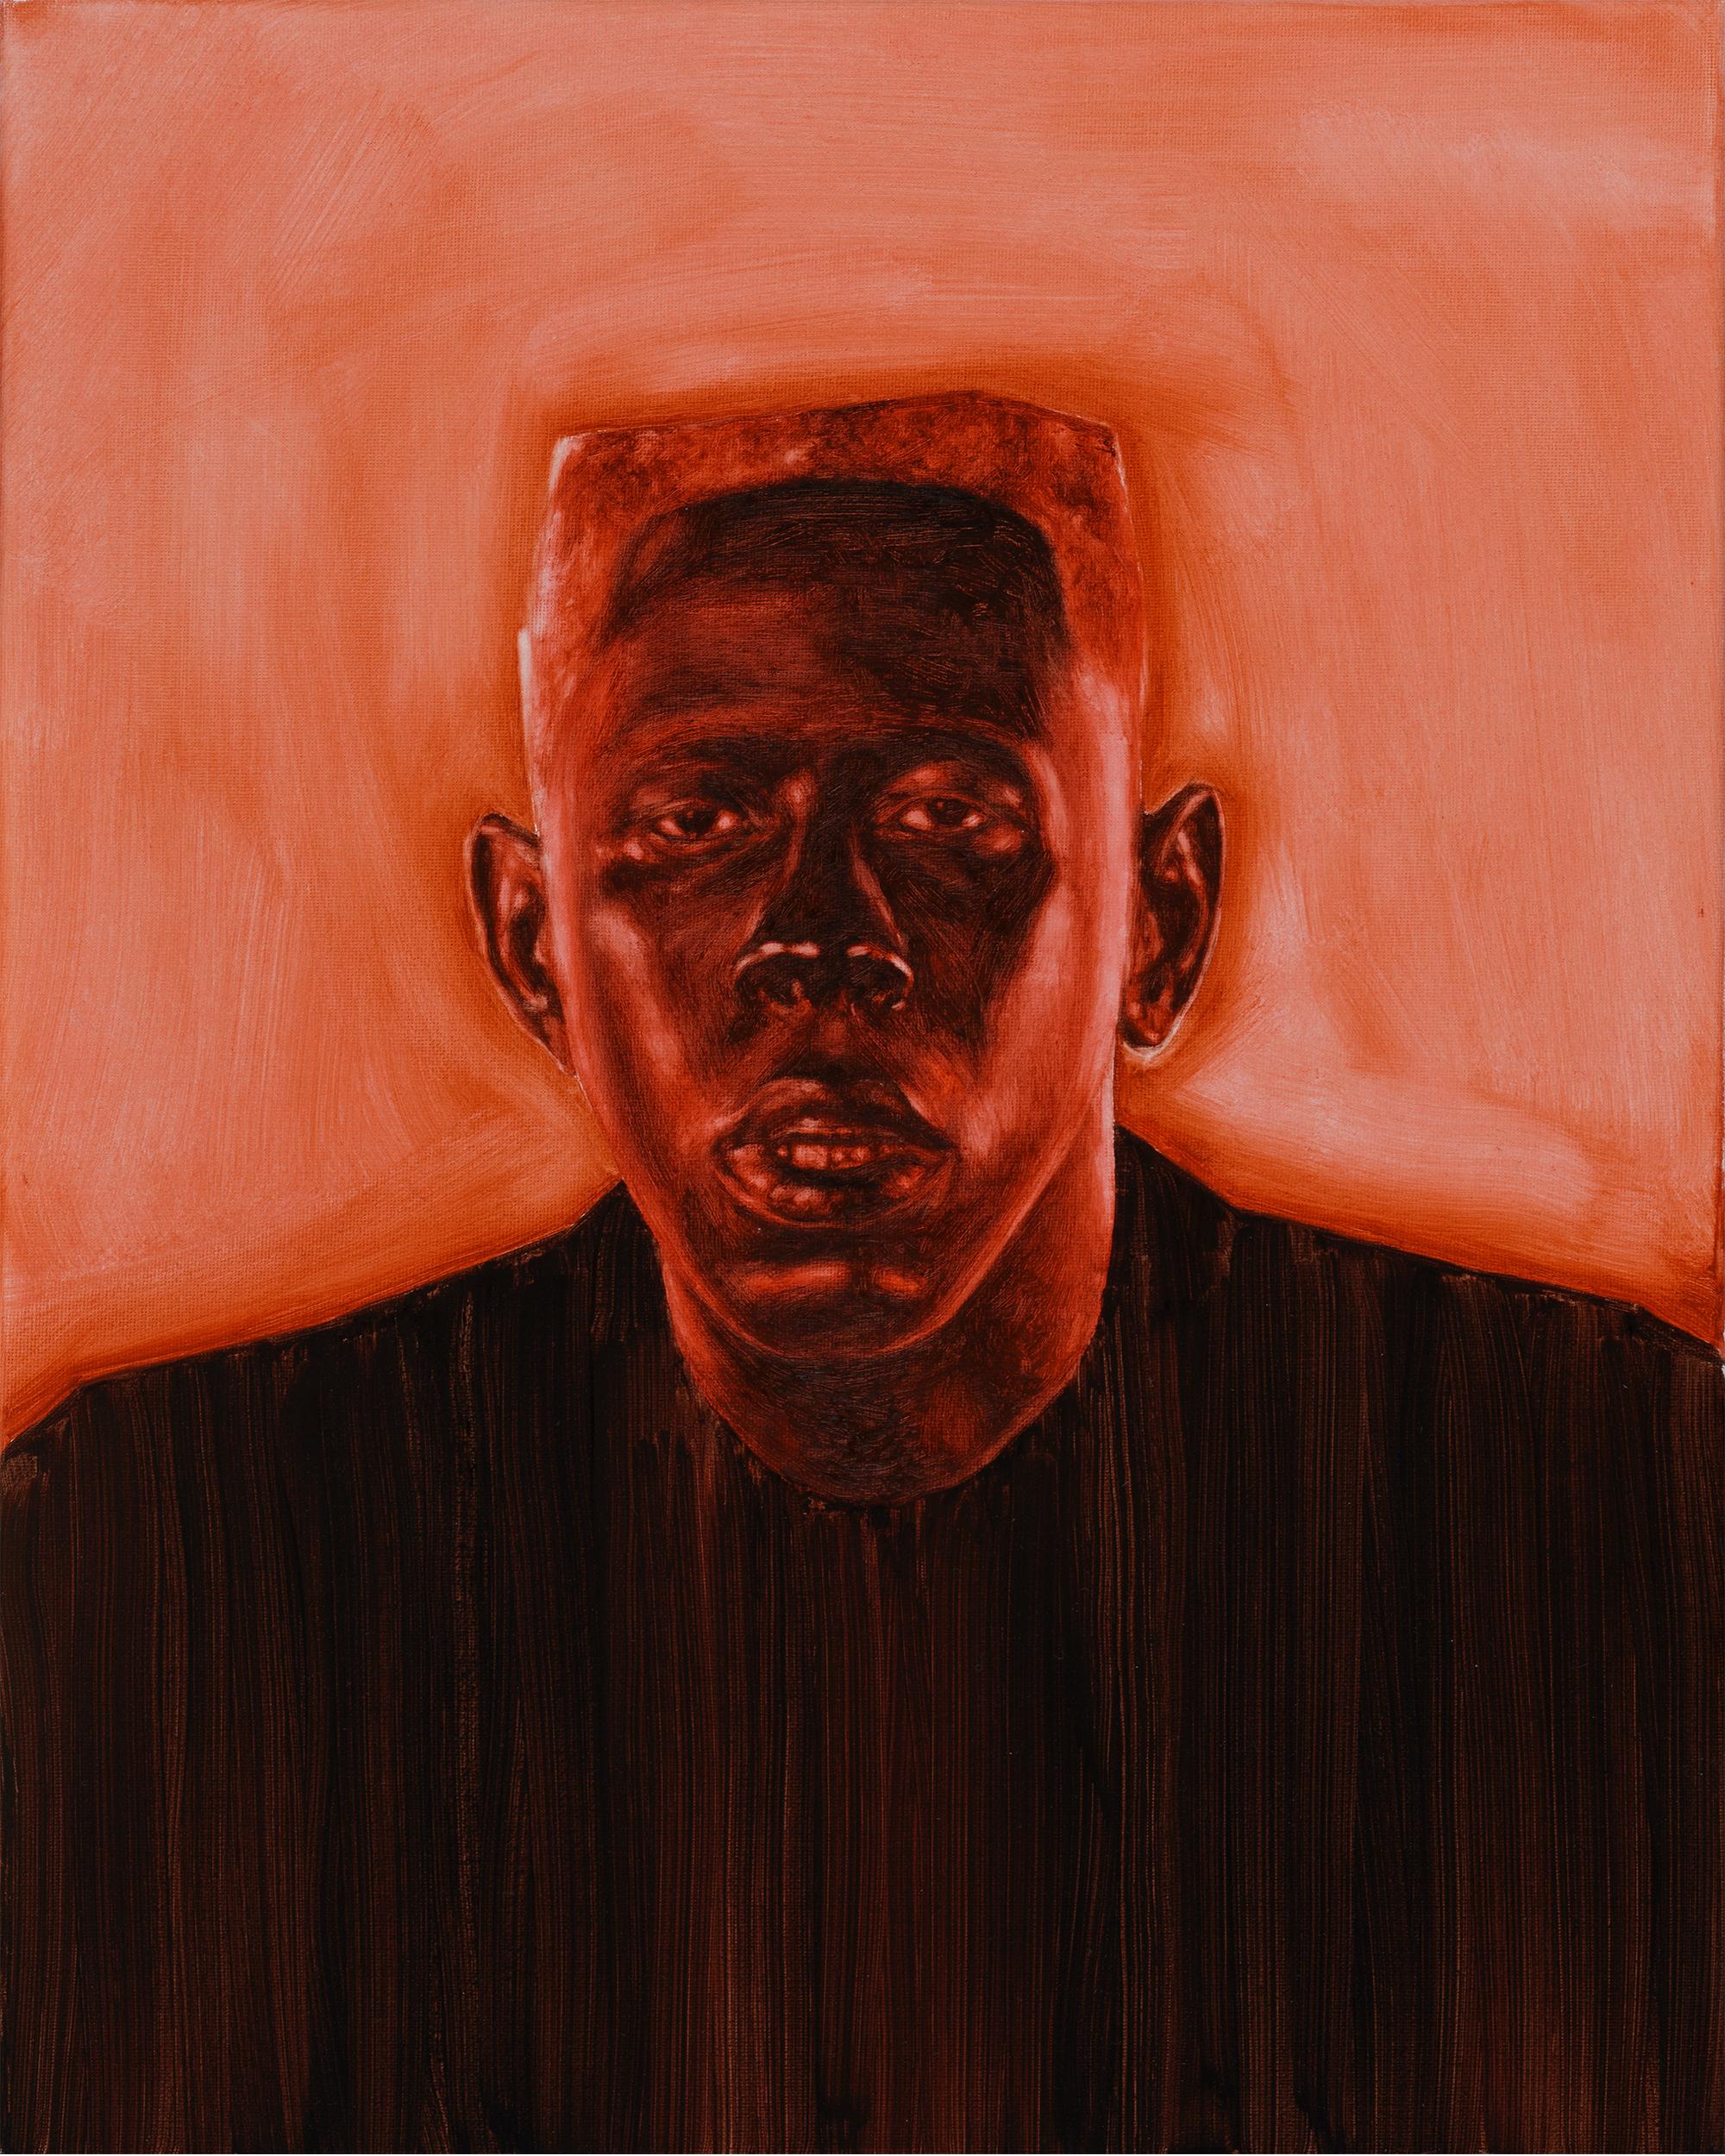 Tyler, John Singletary, 2019, Oil on canvas, 16 x 20